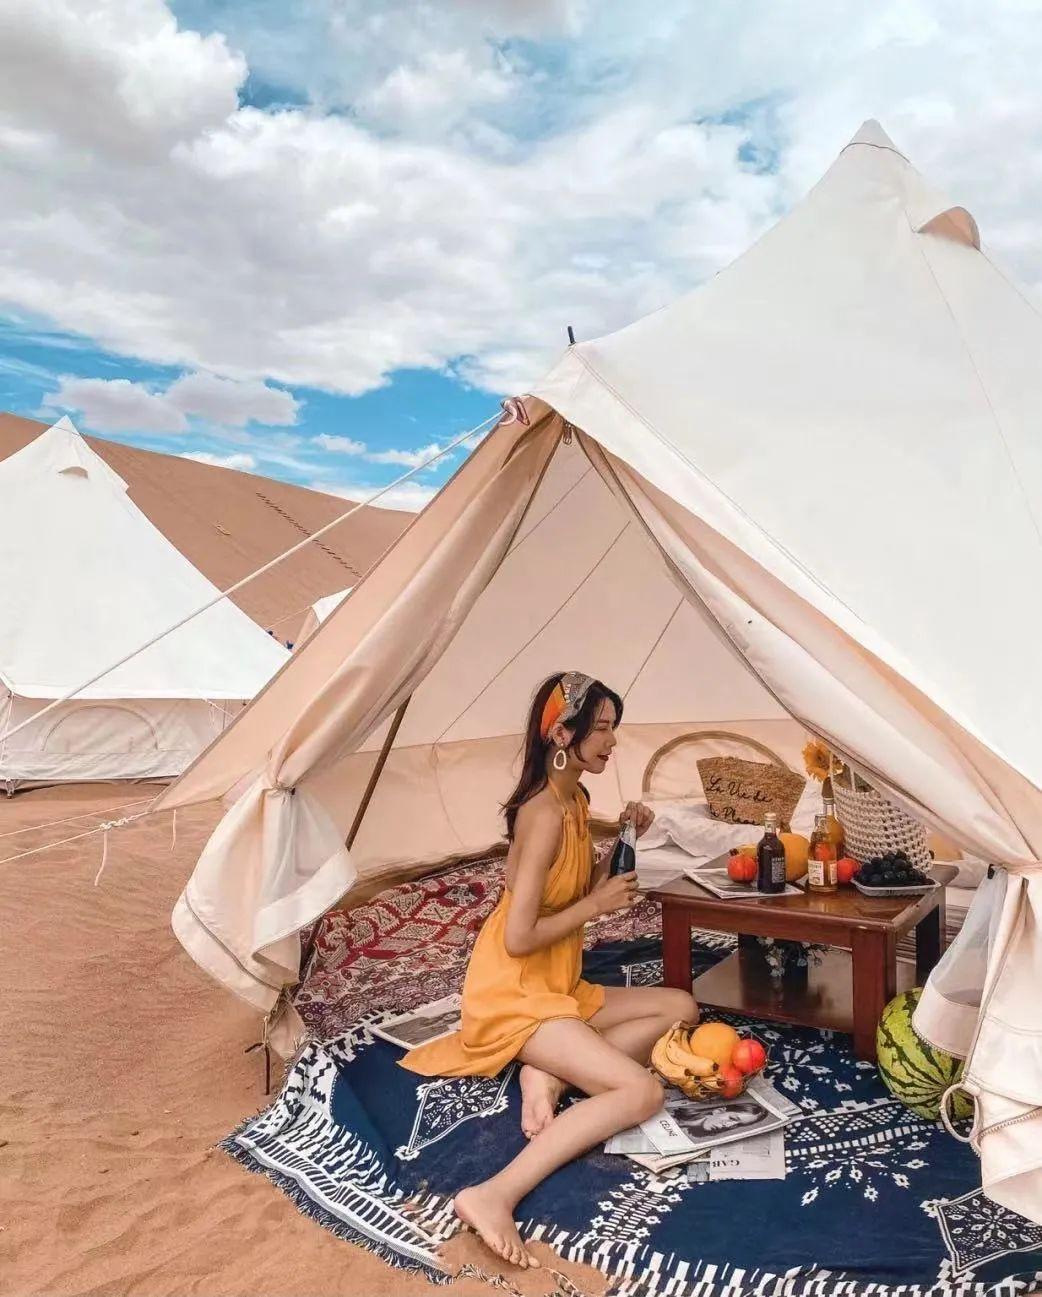 【野趣·房车露营季】 | 大漠孤烟、纯净星空、特色酒店、综艺打卡,你想要的网红元素这里都有